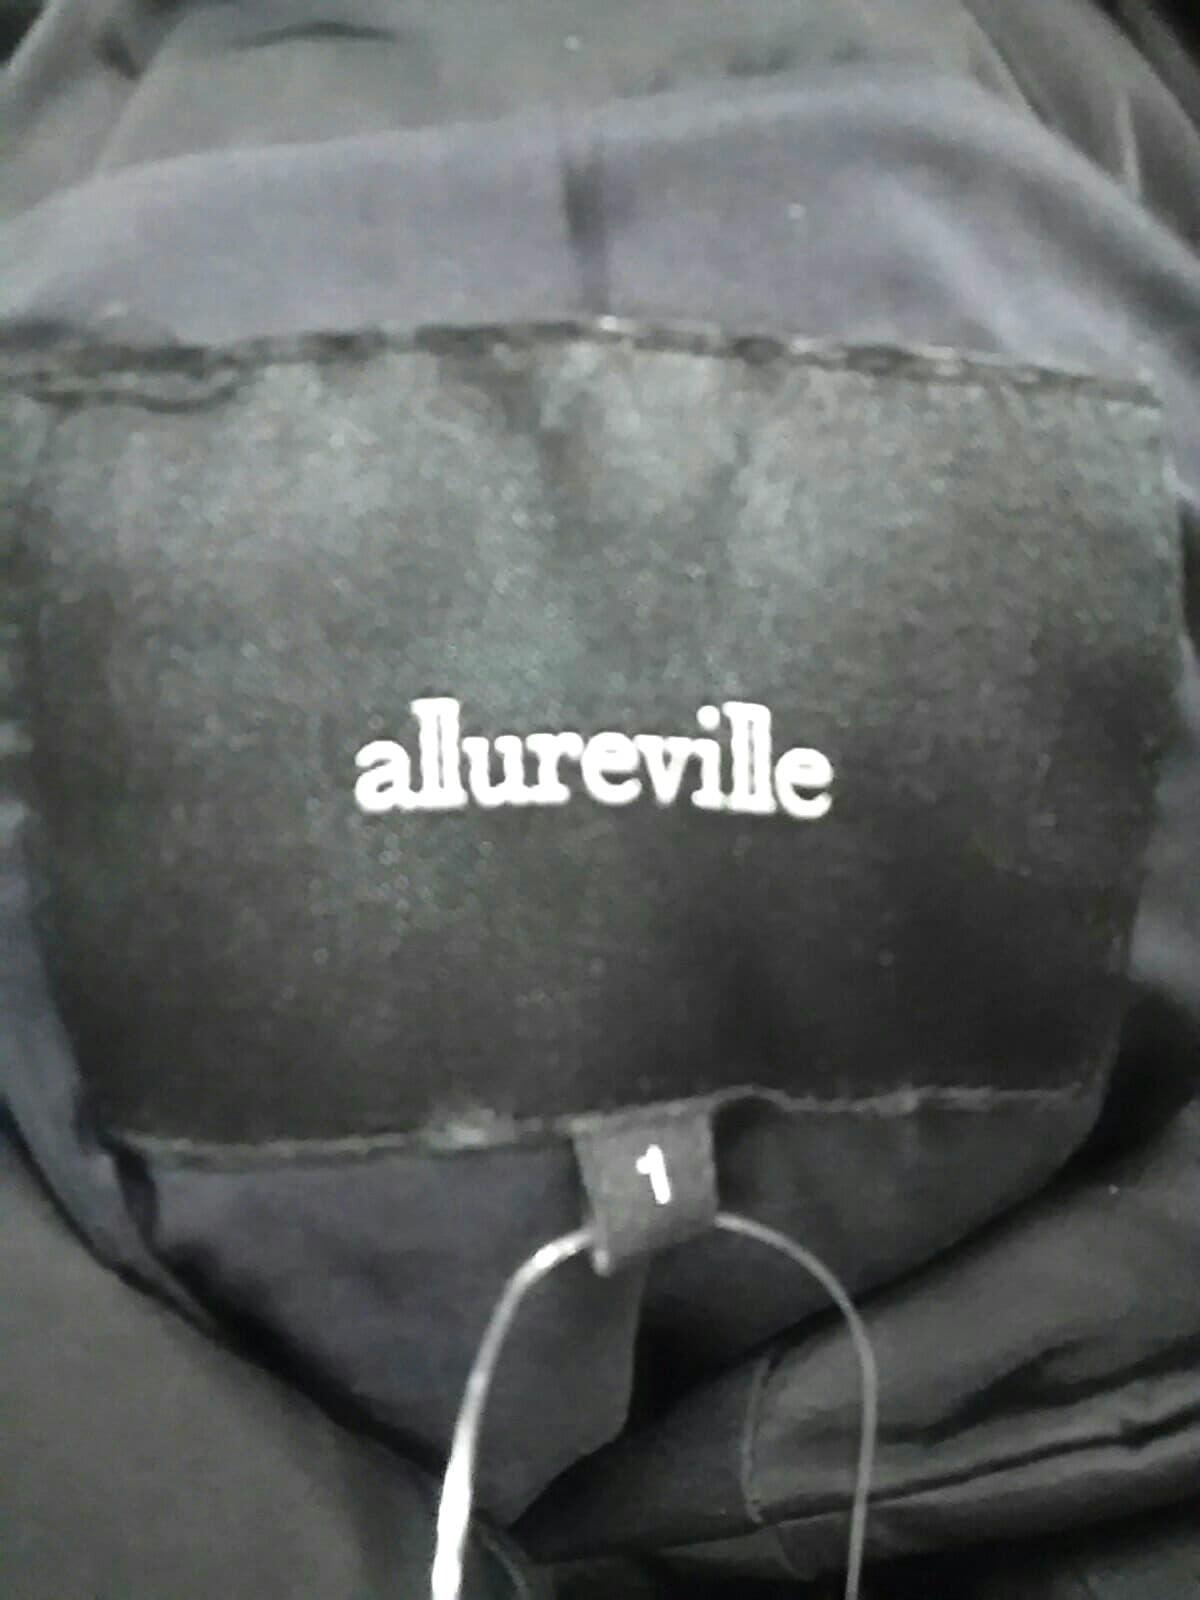 allureville(アルアバイル)のダウンコート